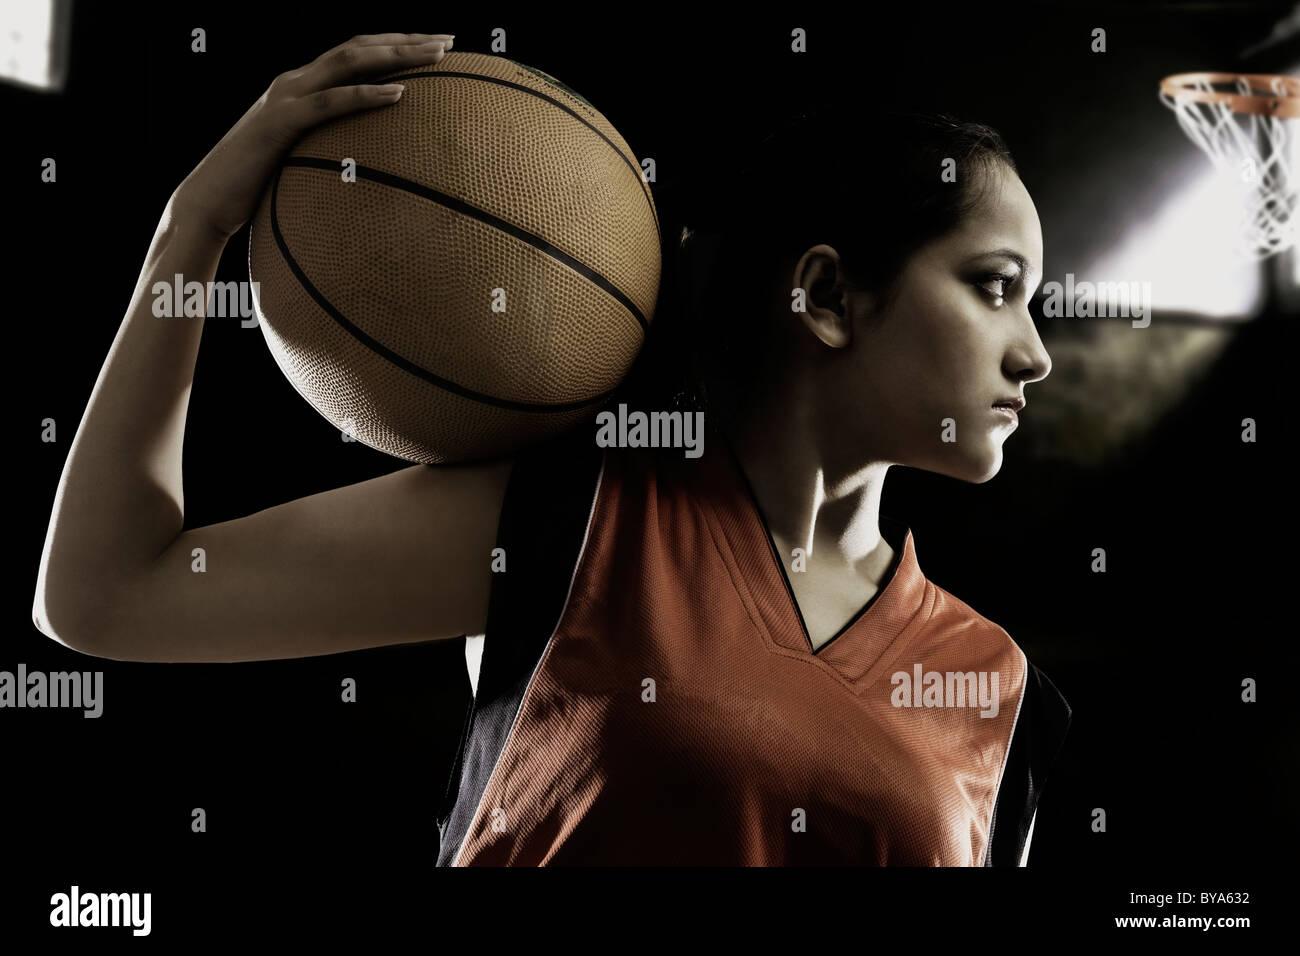 Chica posando con un balón de baloncesto Imagen De Stock